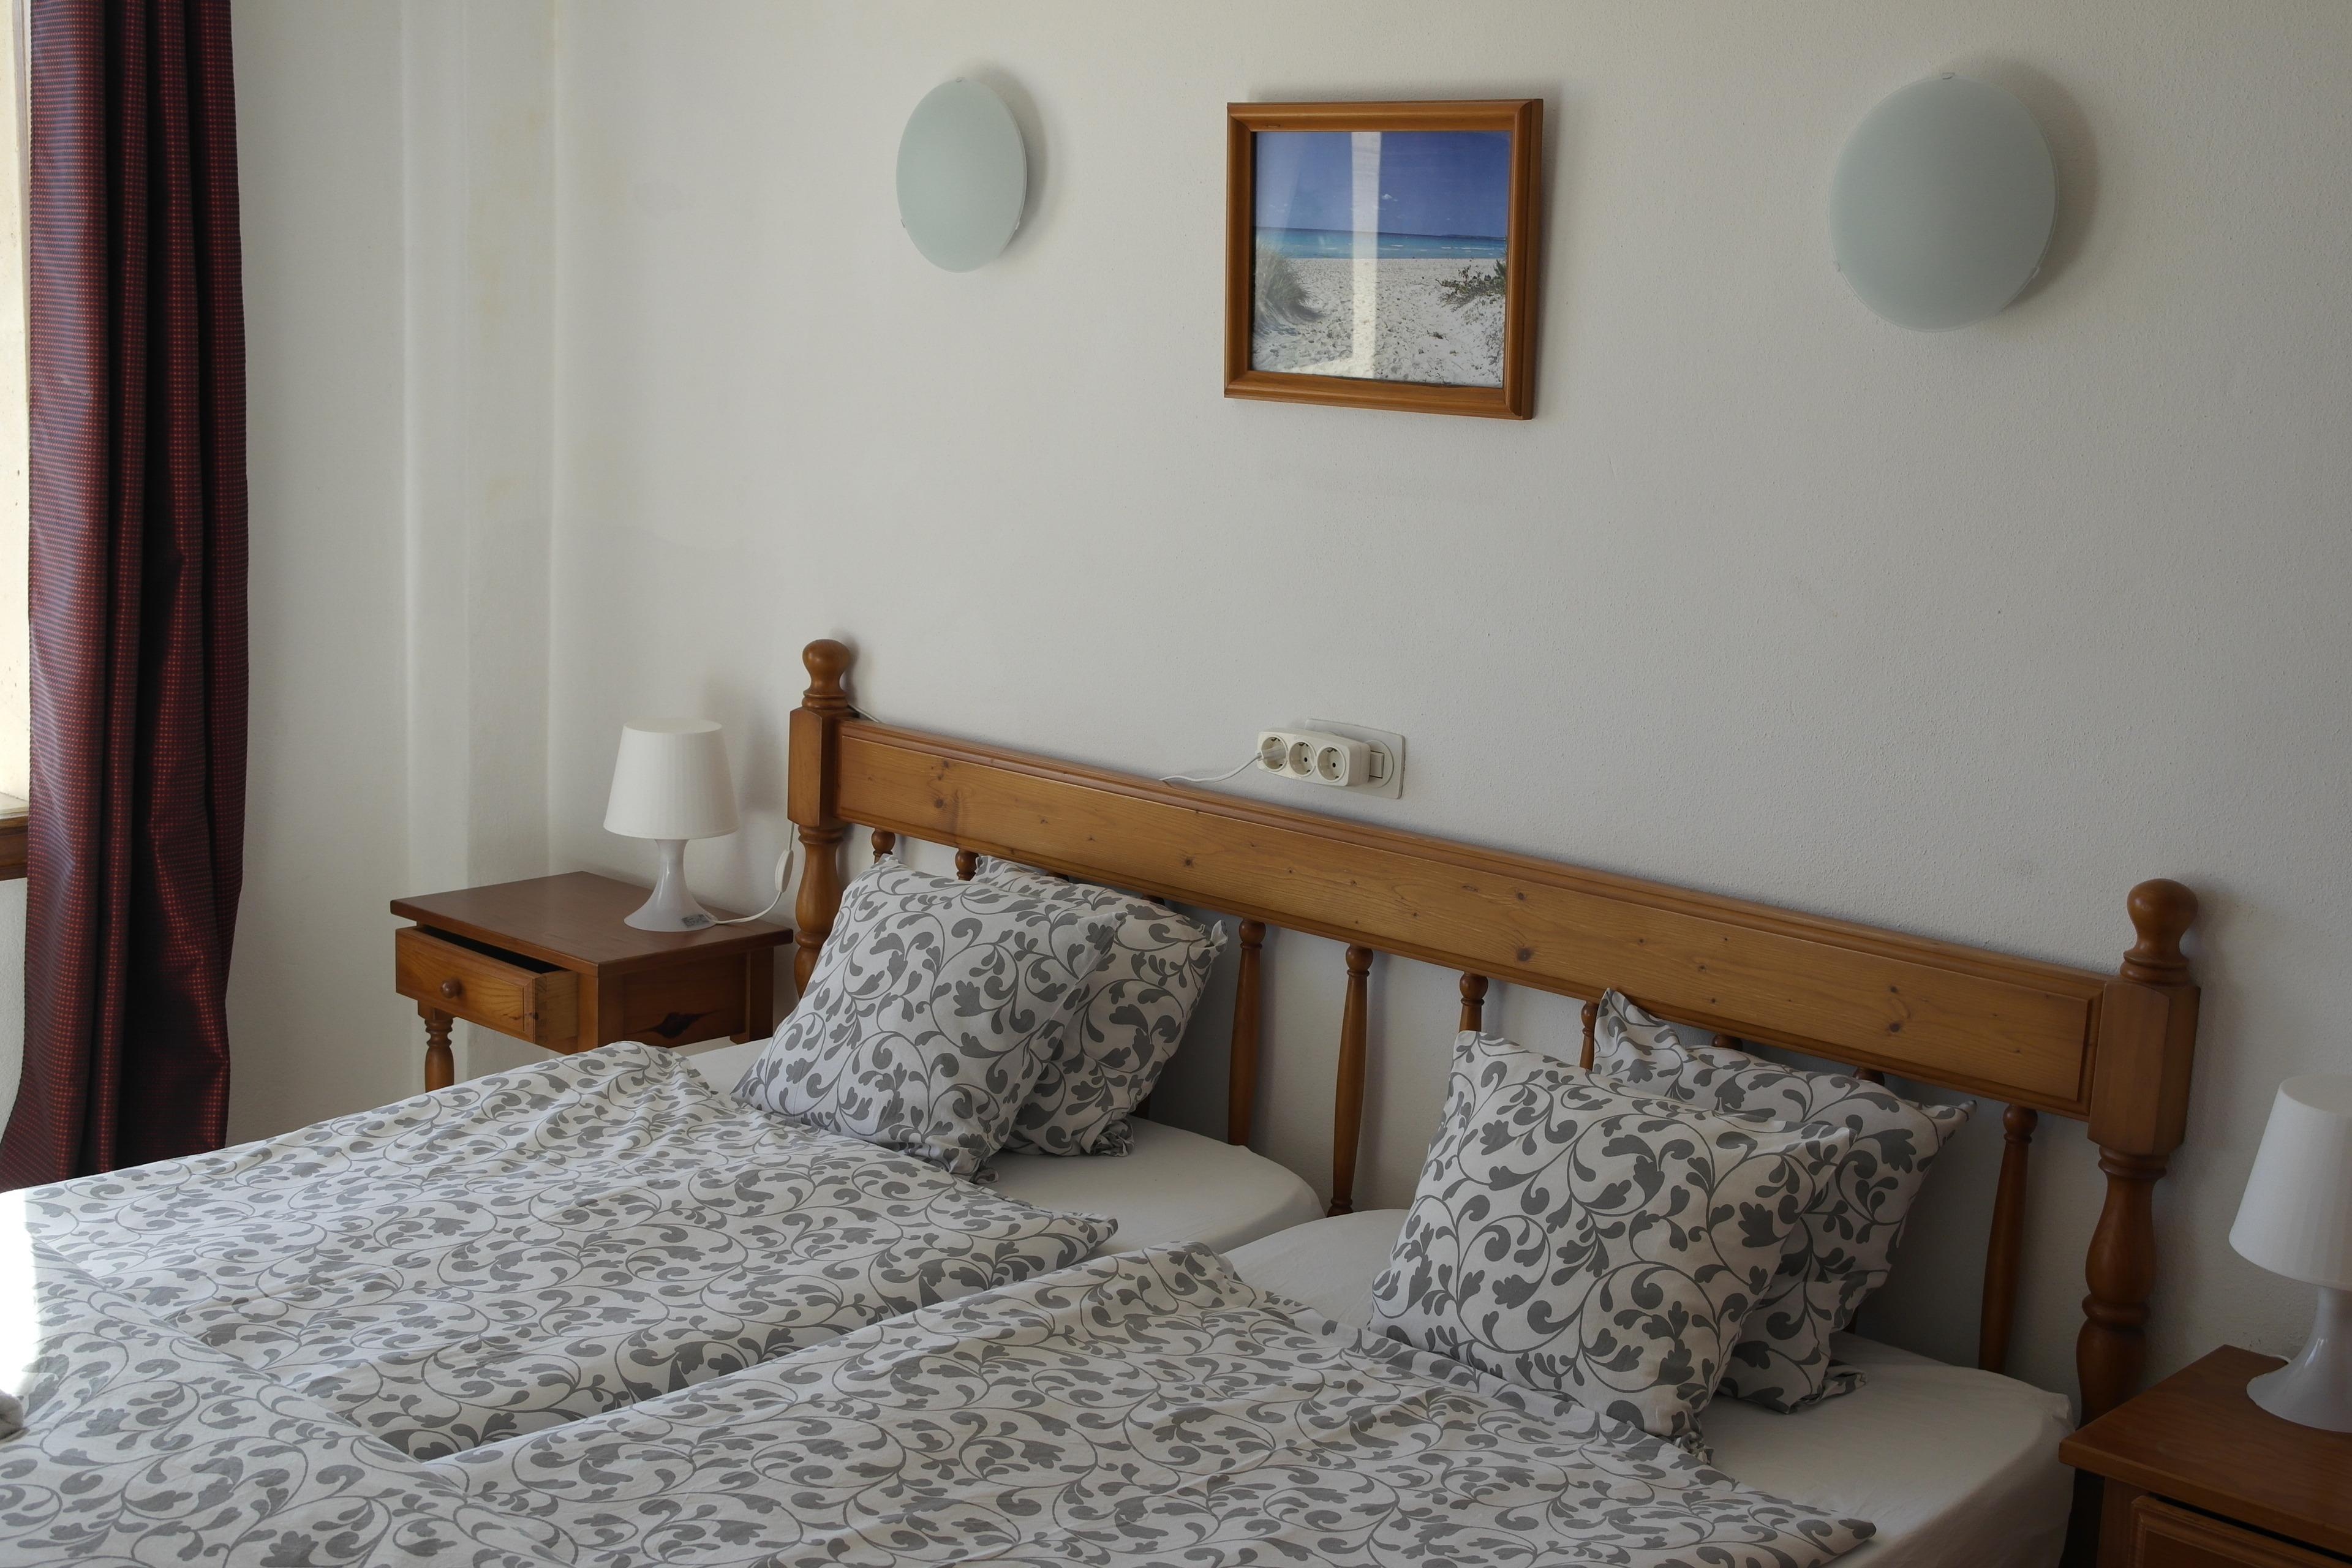 Apartment mit Balkon für eine Familie WLAN Küche Pool 2 Meereslinie